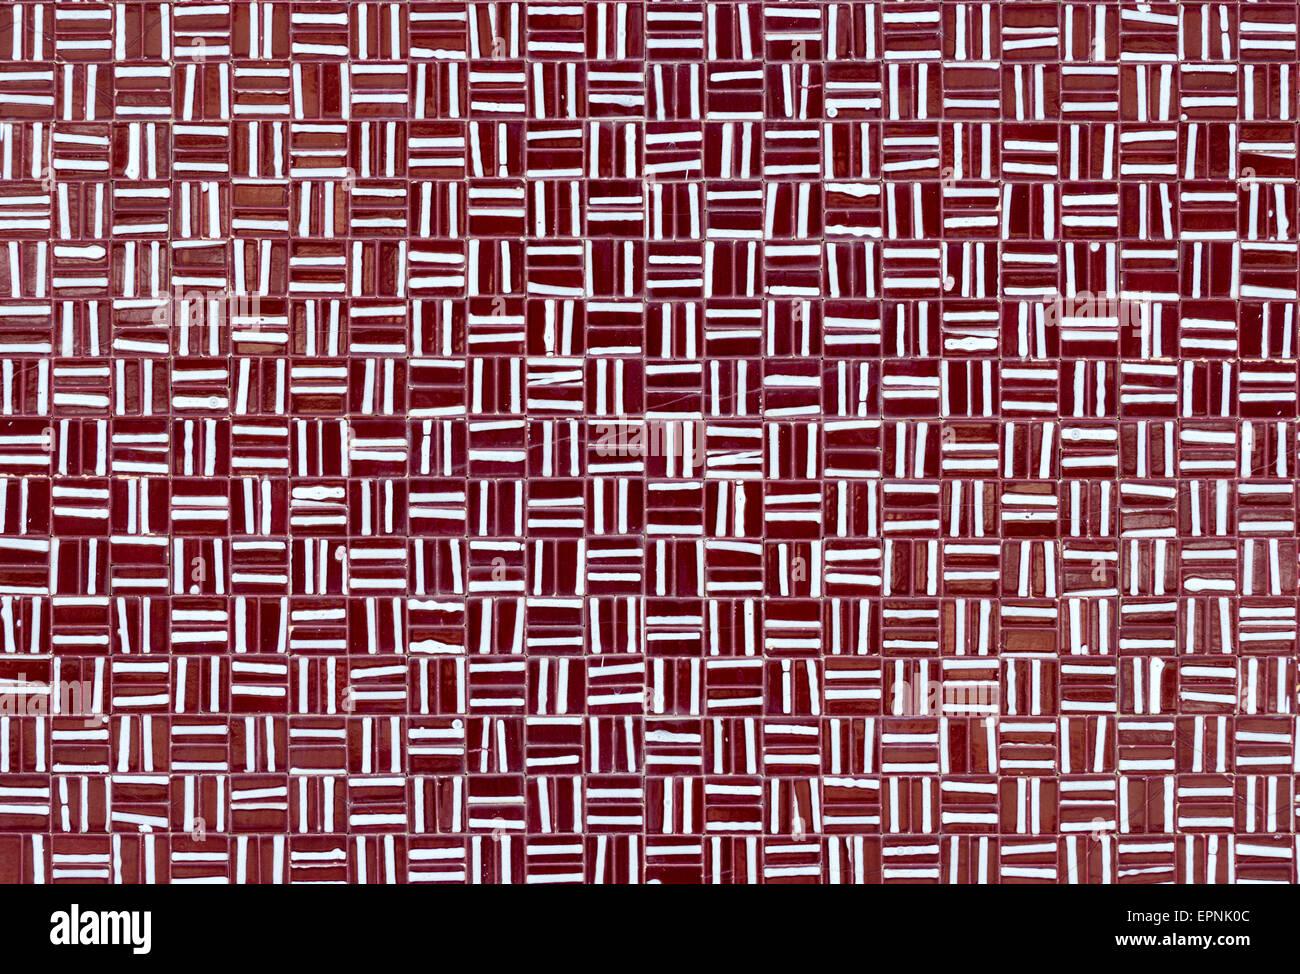 Rosso e bianco delle piastrelle quadrate come sfondo con linee